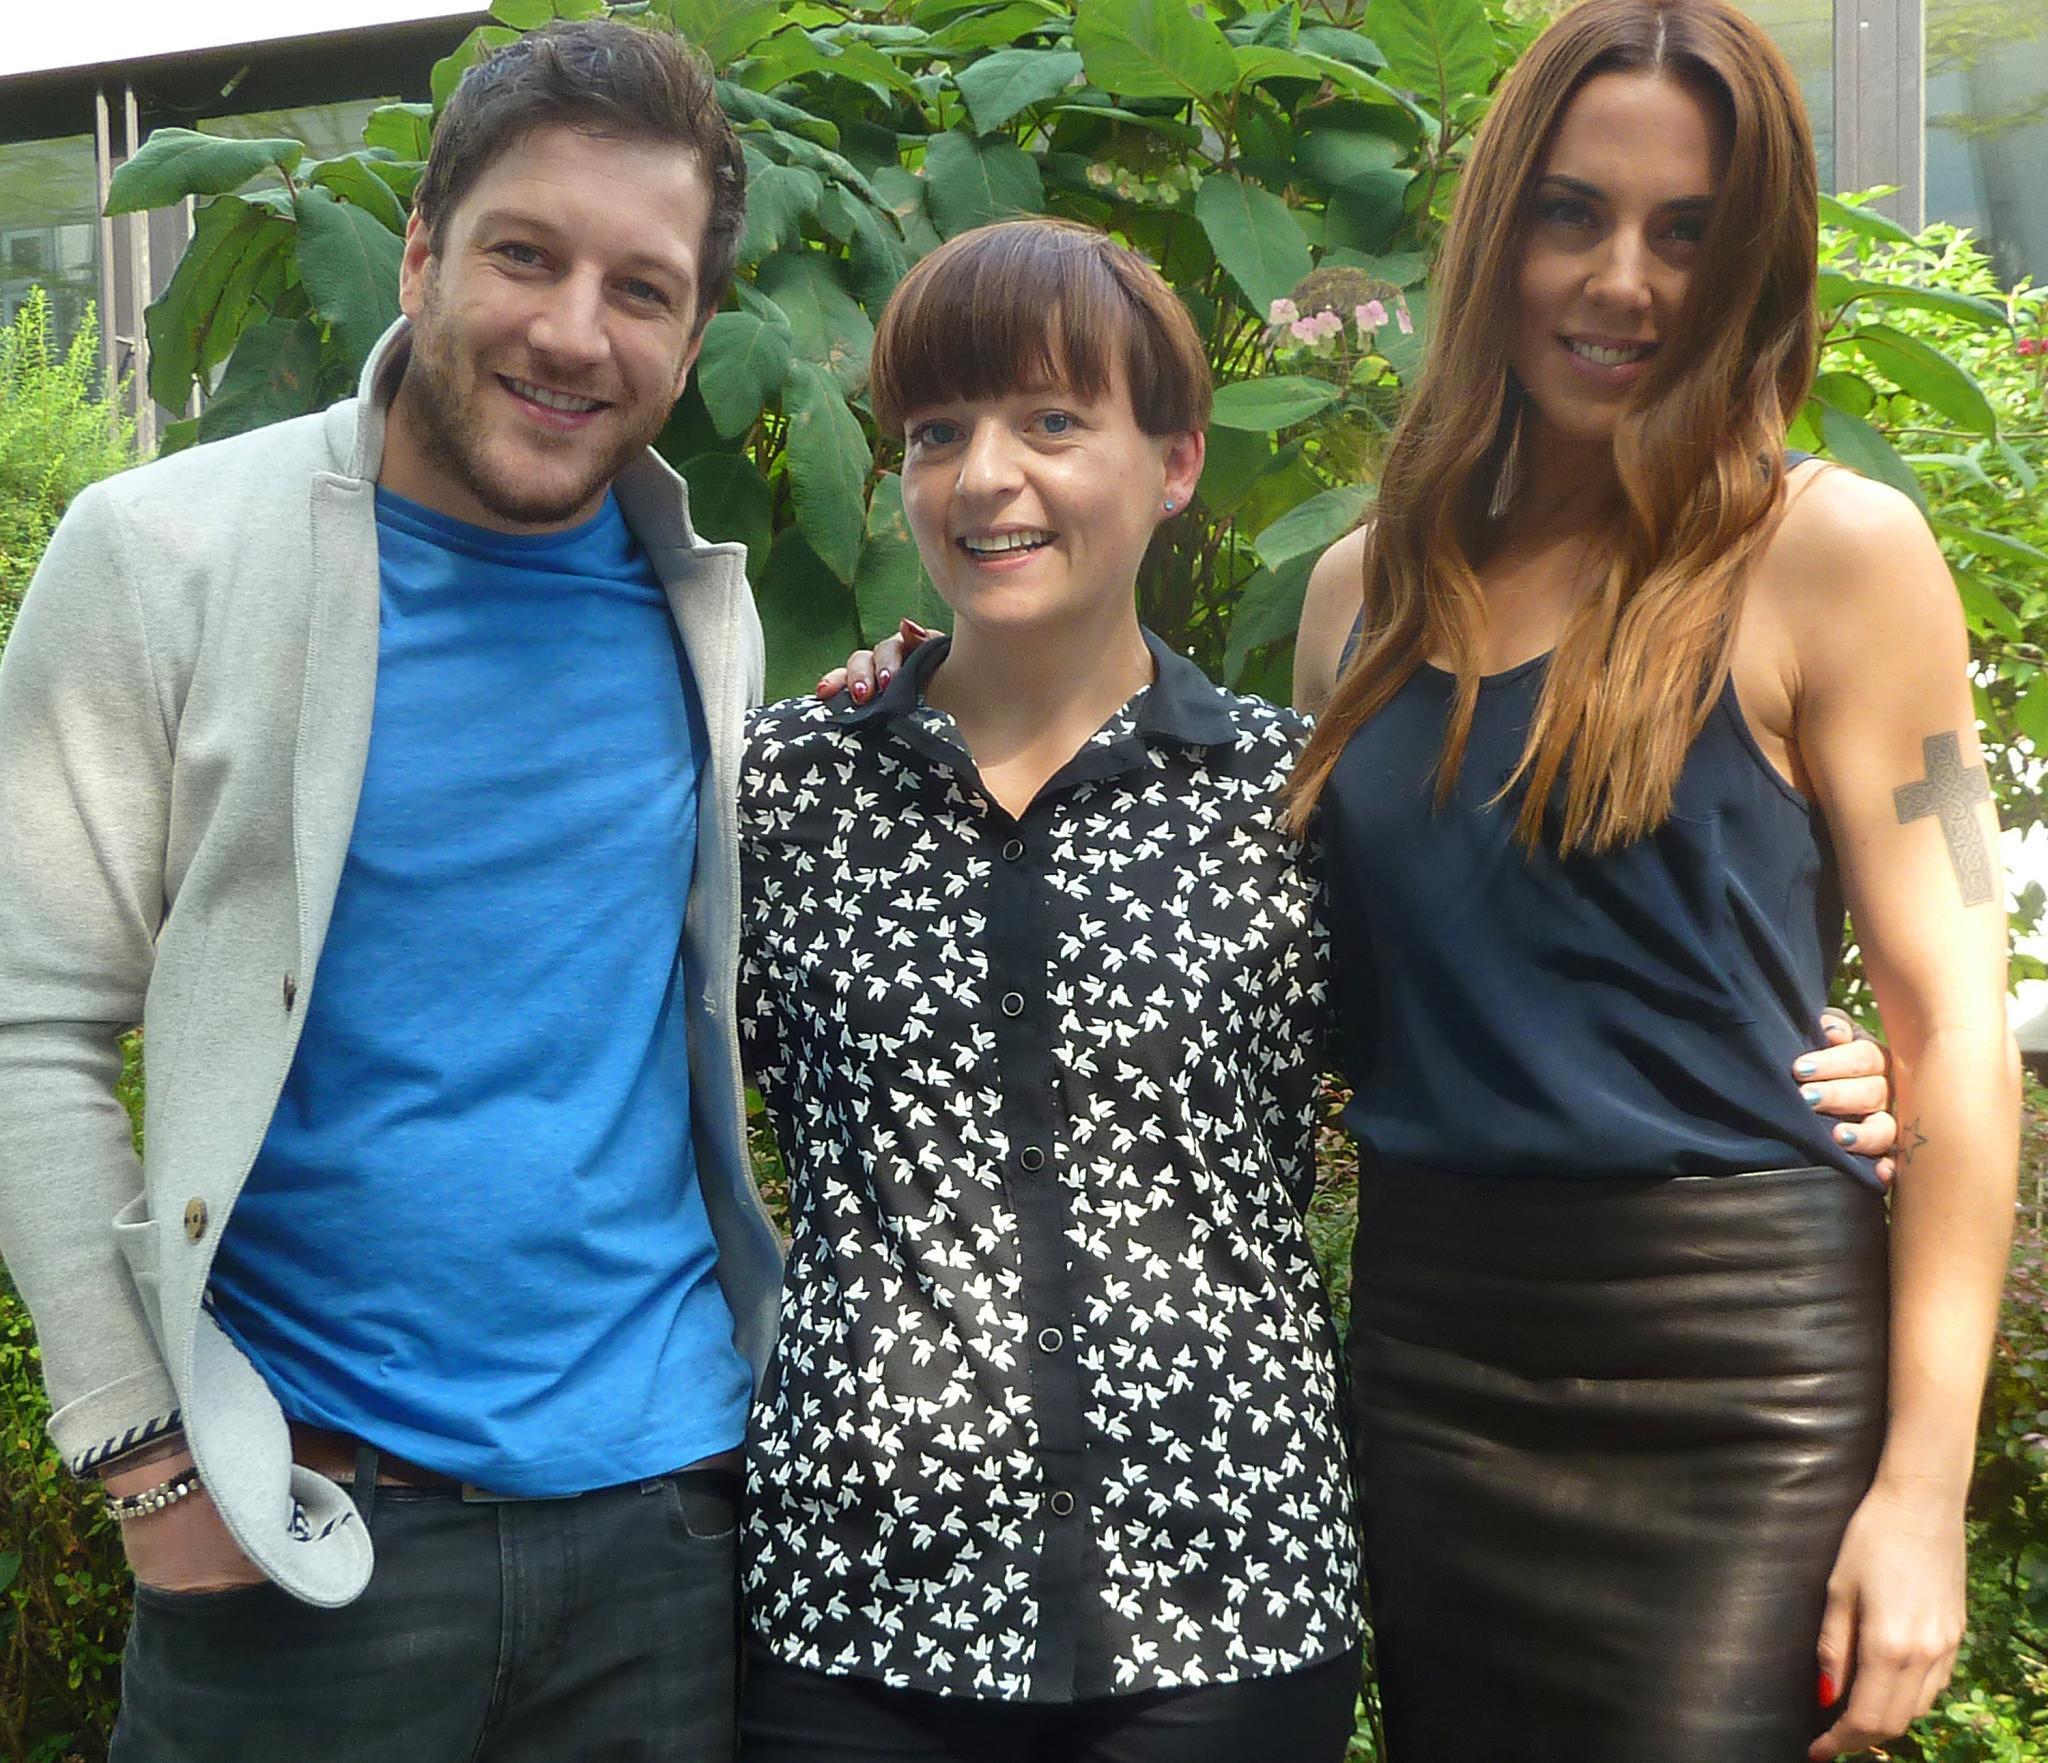 Gut gelaunte Gesprächspartner: Matt Cardle und Melanie C mit Gala.de-Redakteurin Ines Weißbach